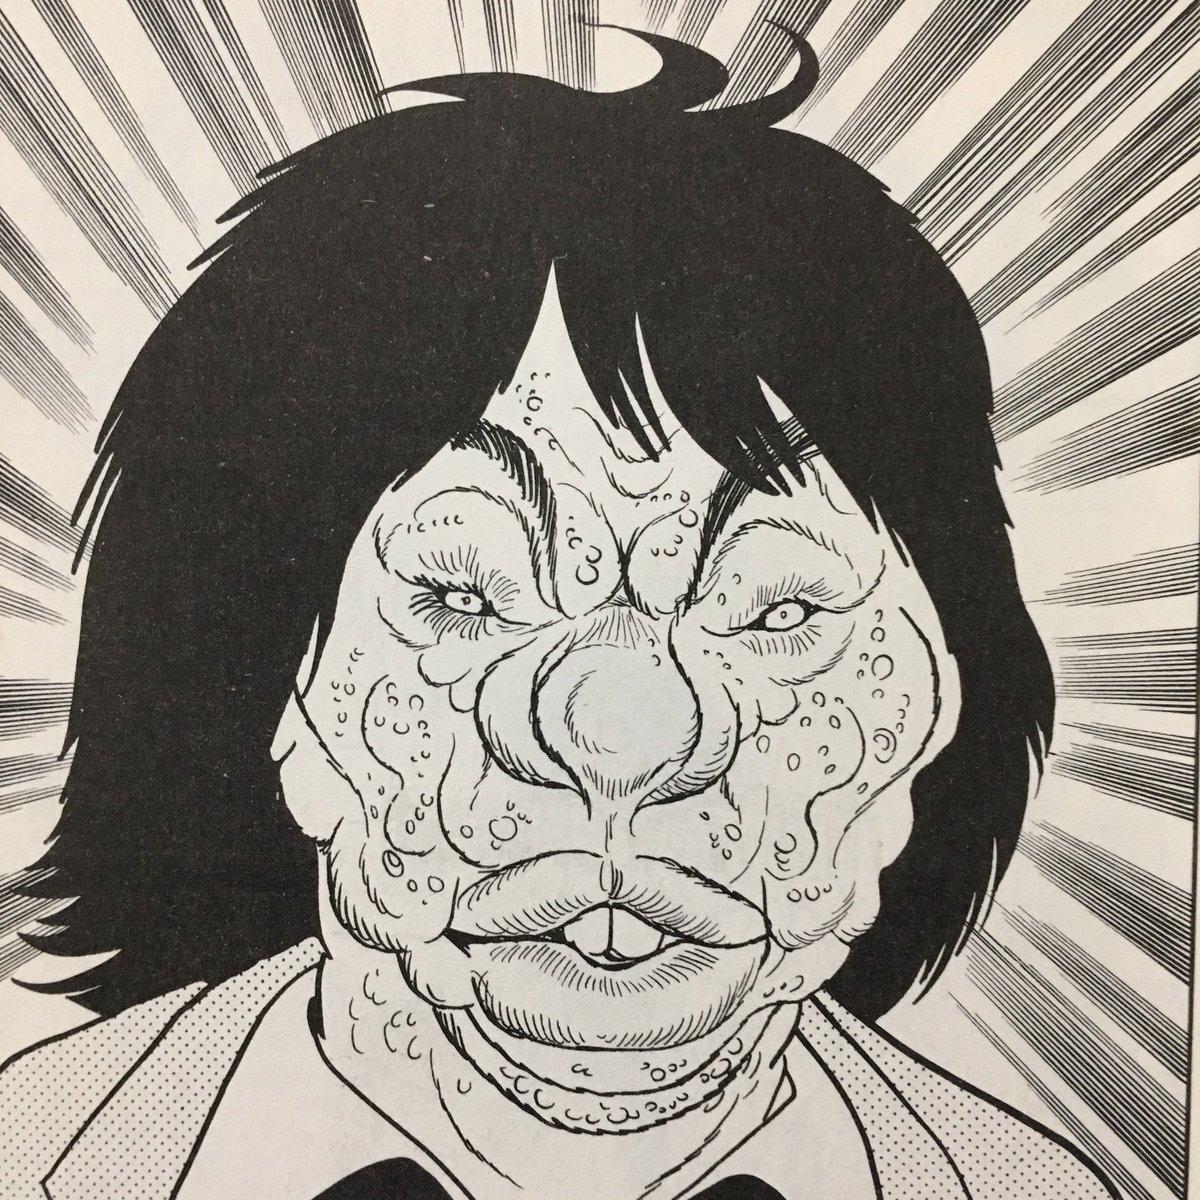 ブラック ジャック 人 面 瘡 【047】人面瘡 手塚治虫「ブラック・ジャック」40周年アニバーサリー!